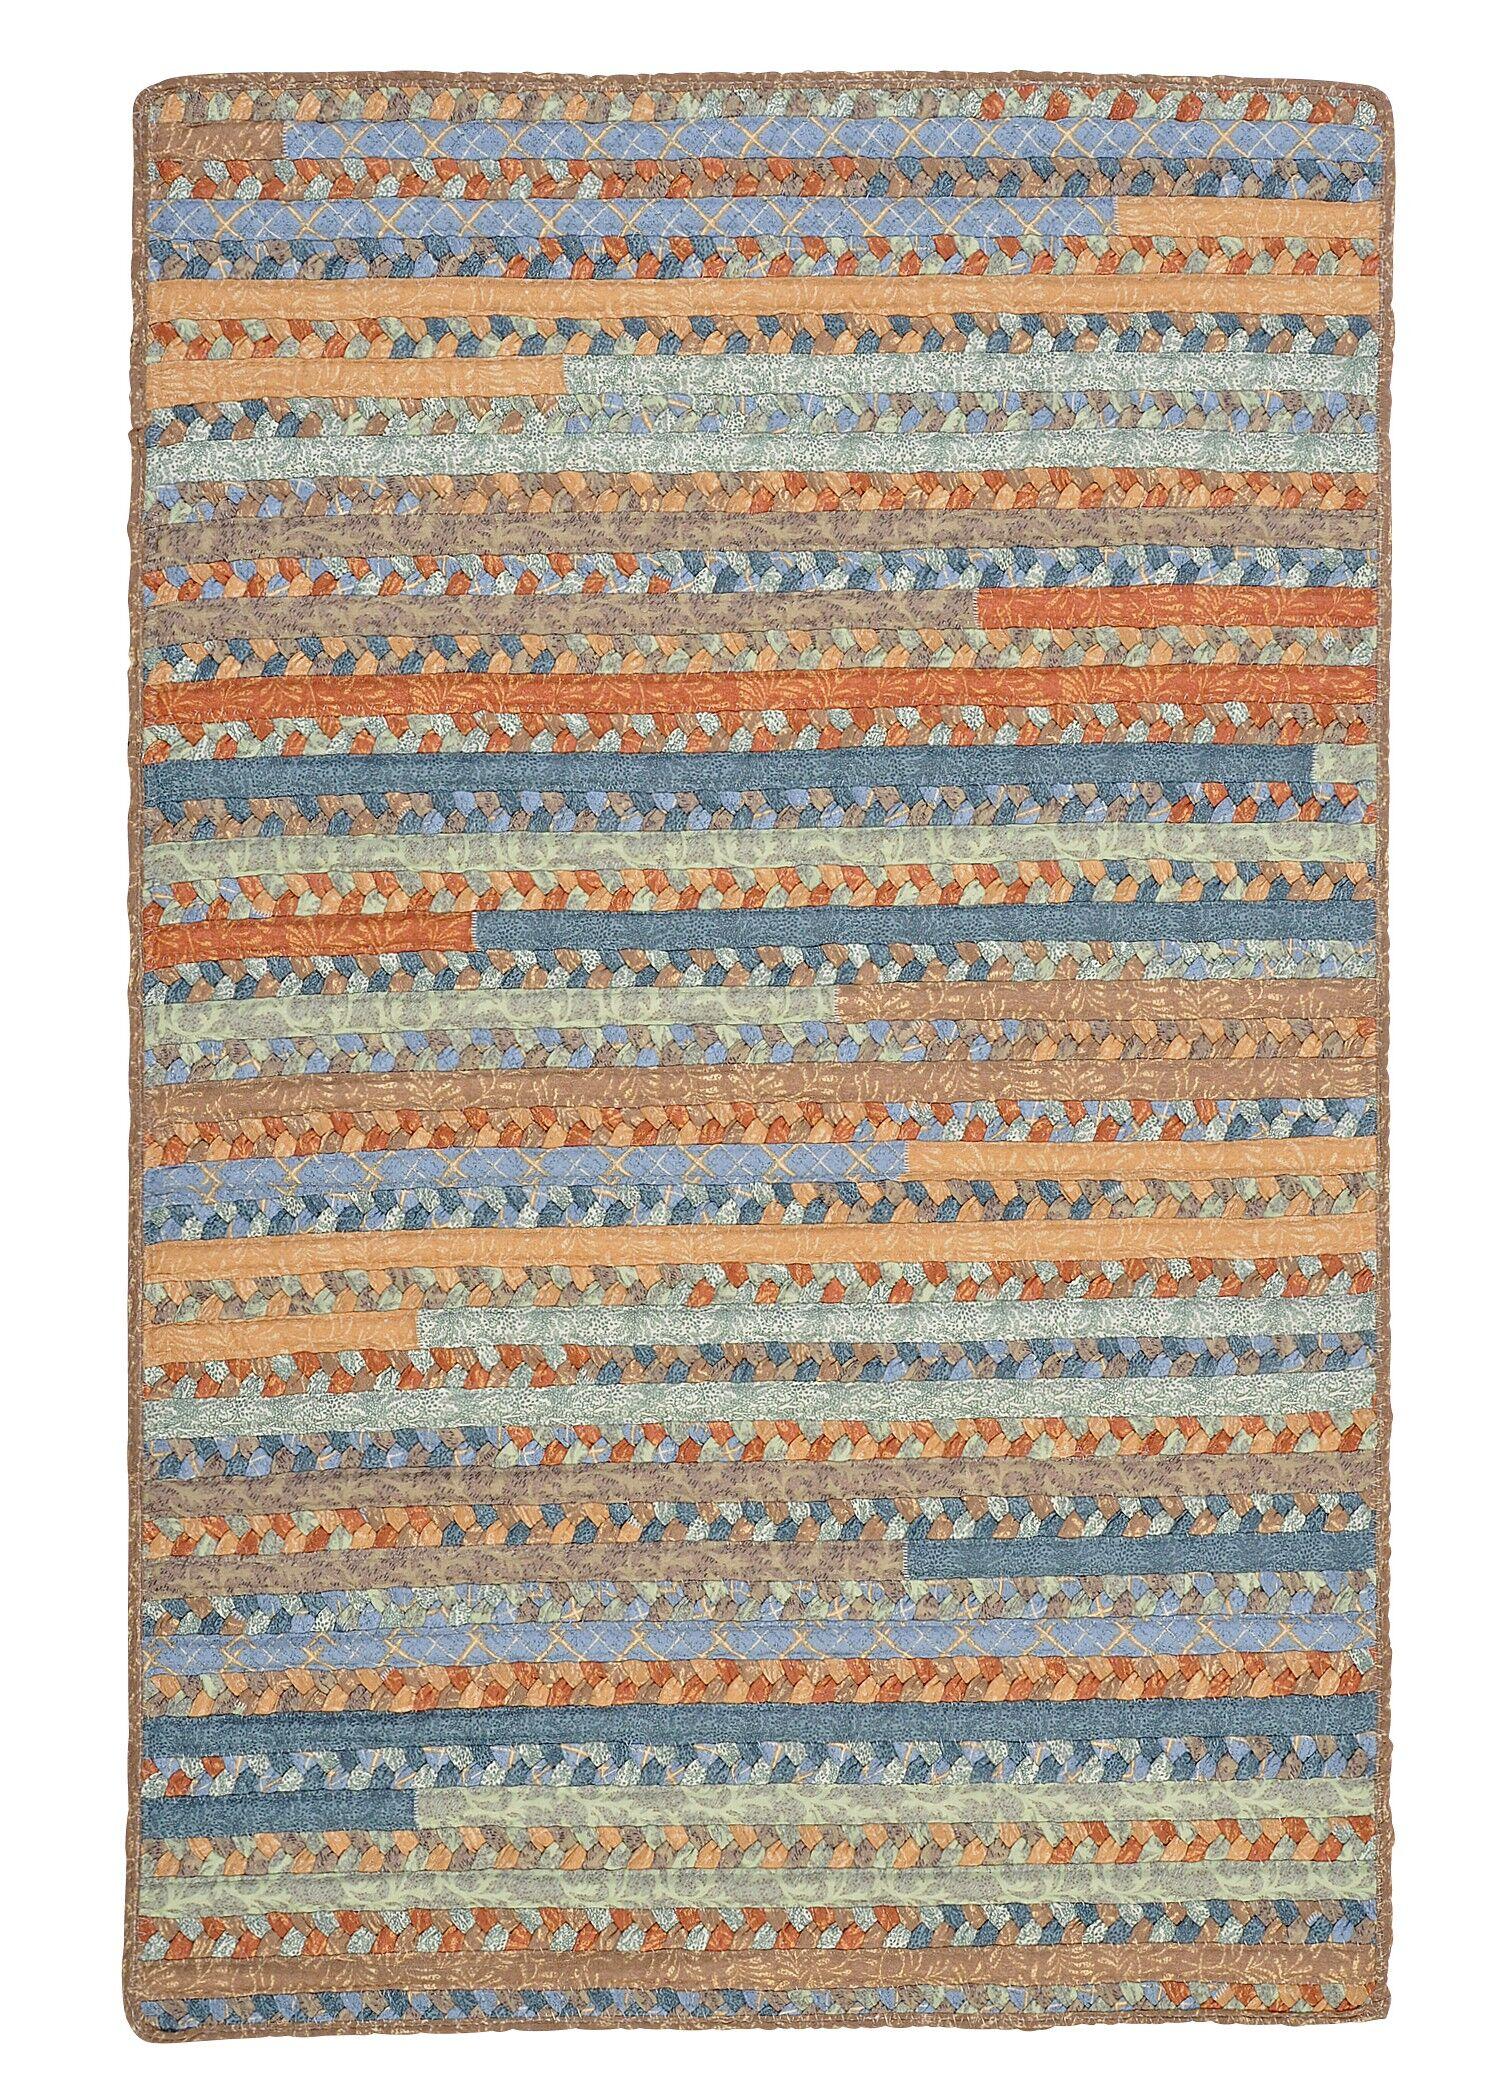 Surette Vintage Blue Rug Rug Size: Rectangle 2' x 4'